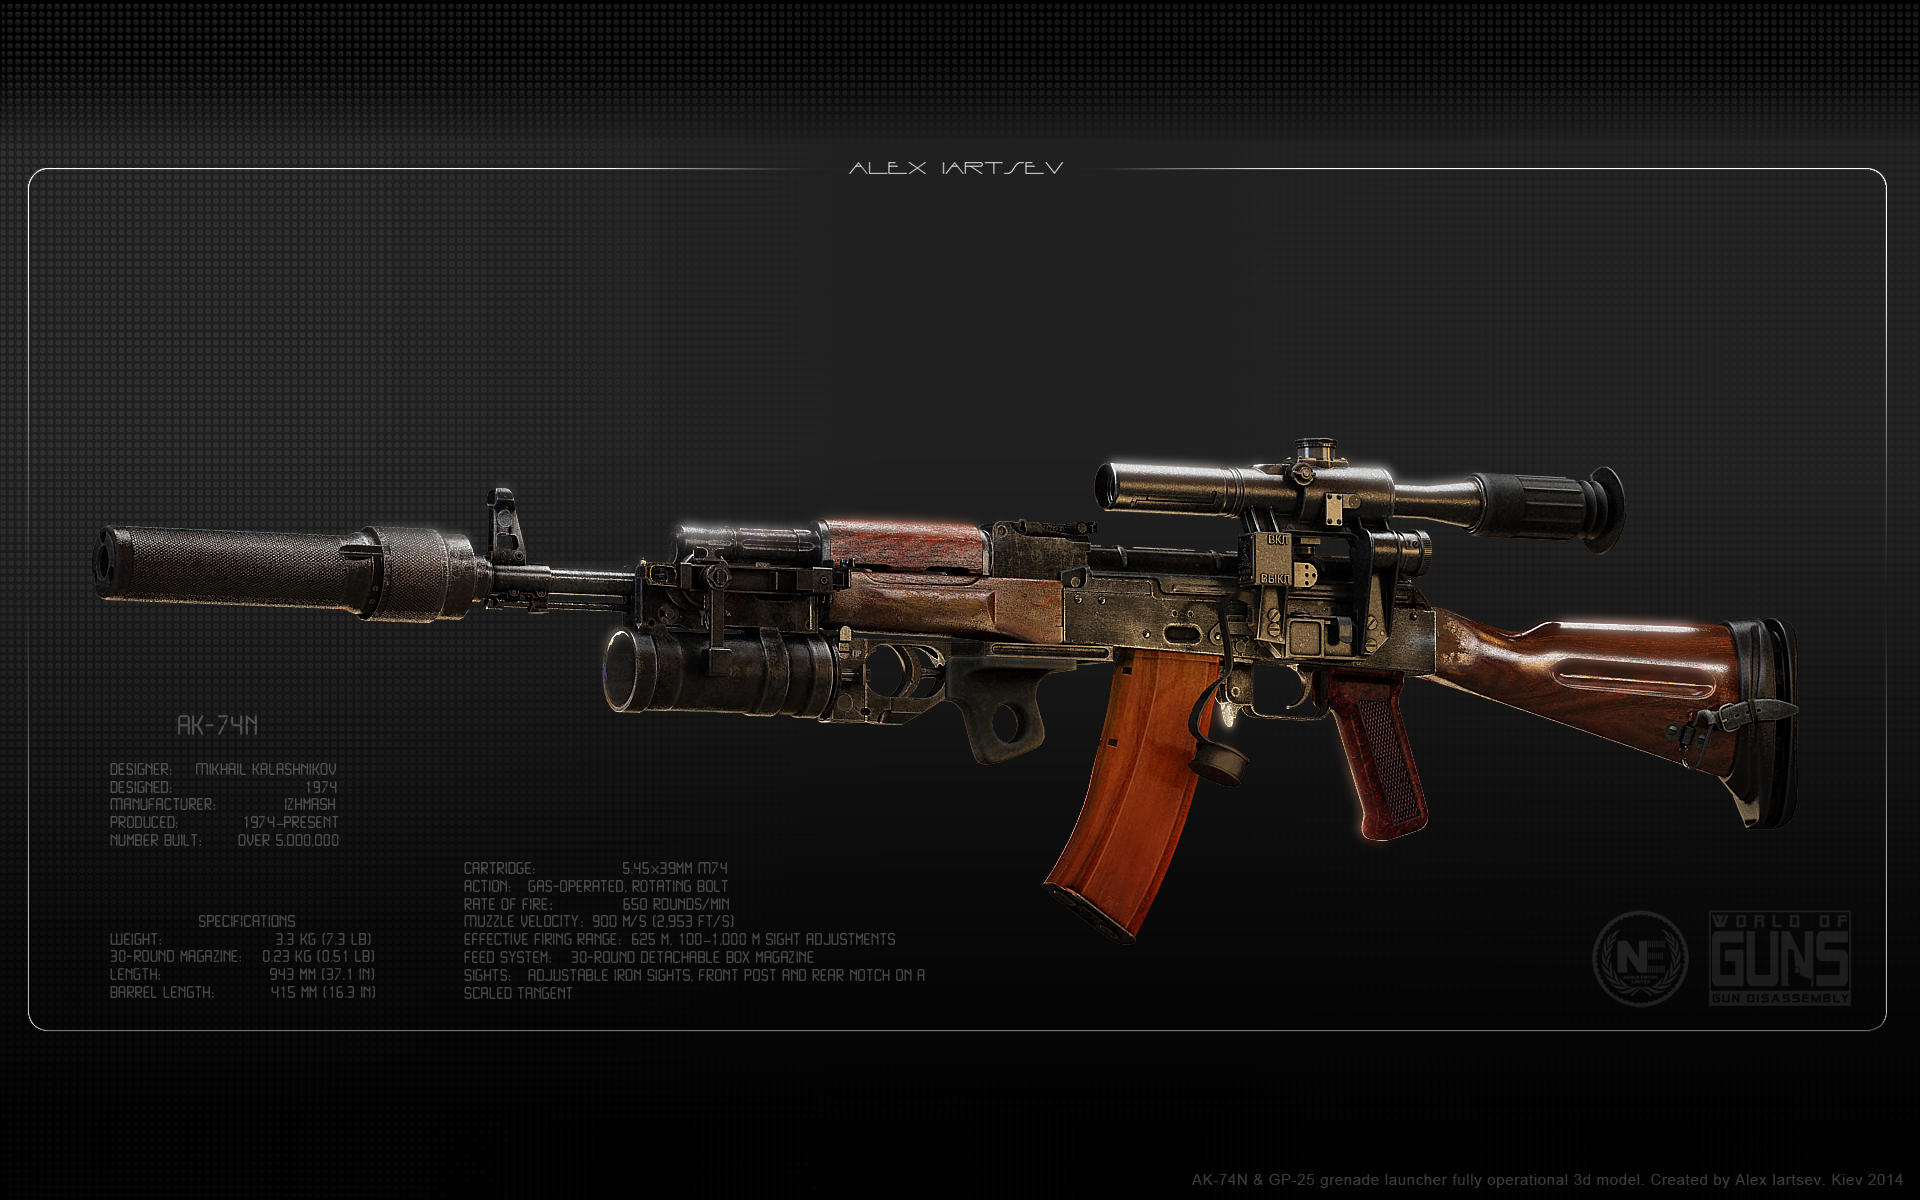 AKS-74U image - Operation Dead Dawn mod for Battlefield 2 - Mod DB